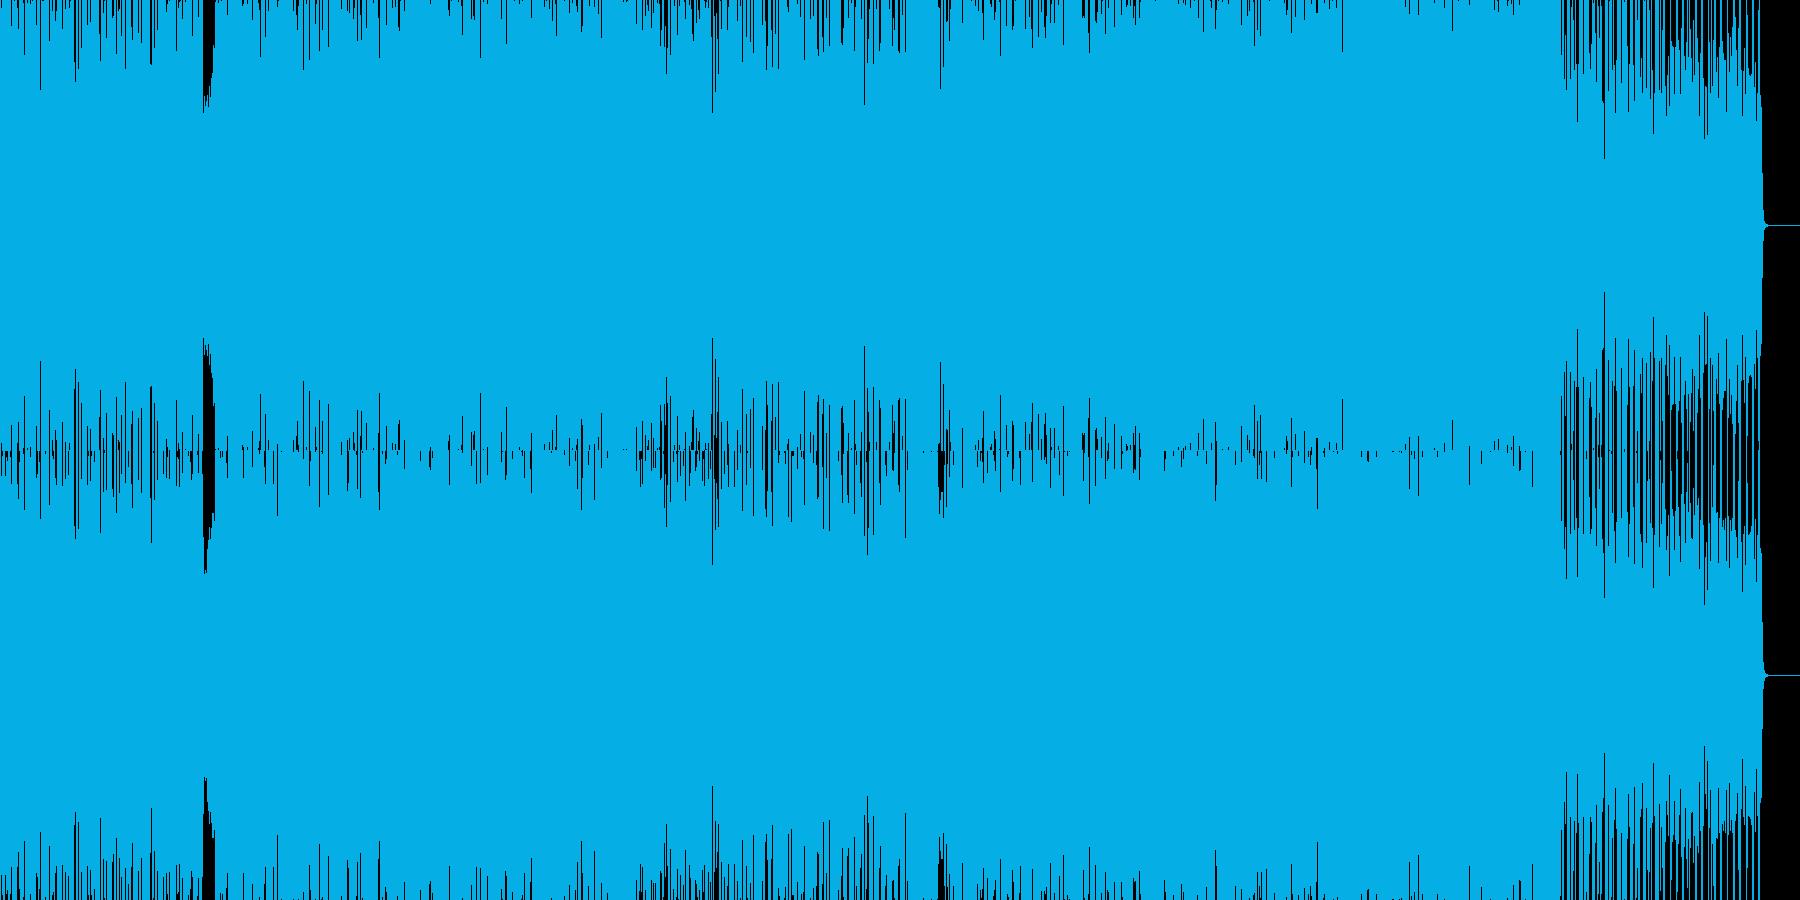 攻撃的なドラムンベース 戦闘曲などにの再生済みの波形